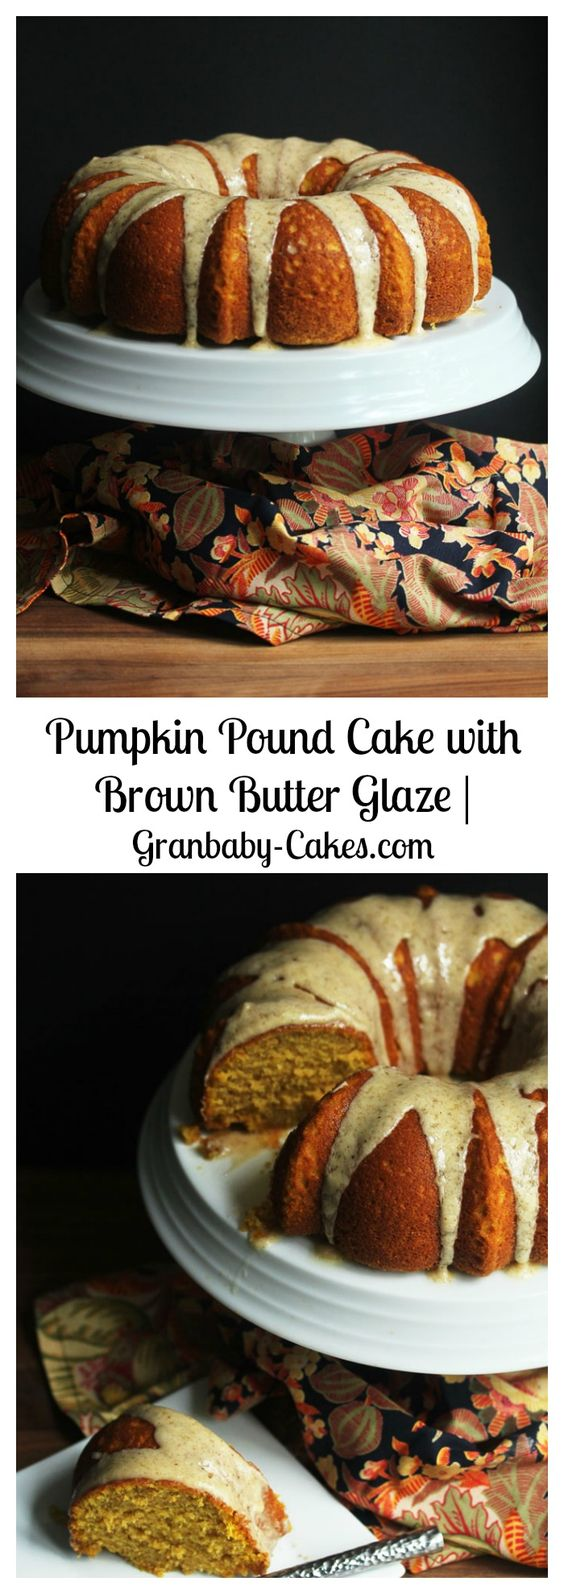 Pumpkin Pound Cake with Brown Butter Glaze   Grandbaby-Cakes.com